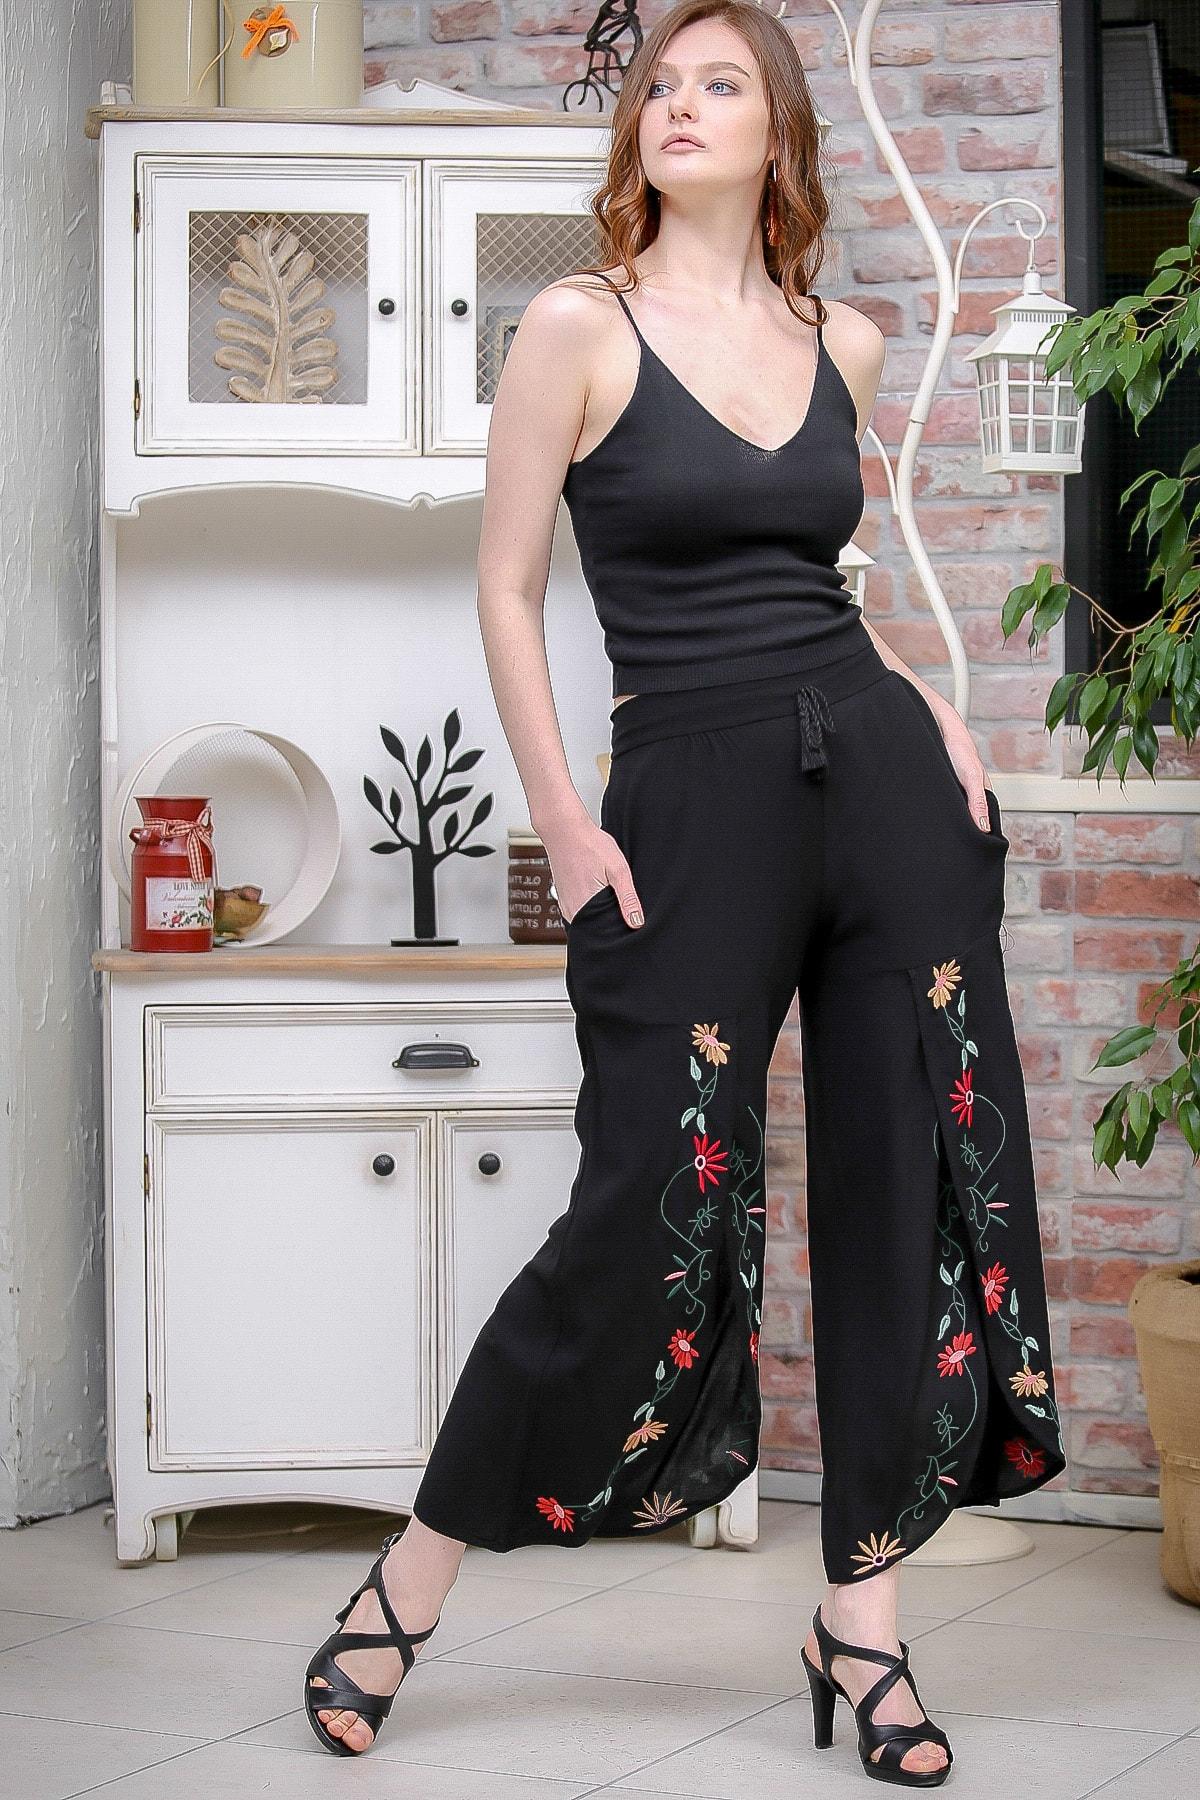 Chiccy Kadın Siyah Vintage Dev Yırtmaçlı Çiçek Nakış Detaylı Pantolon M10060000PN99179 0